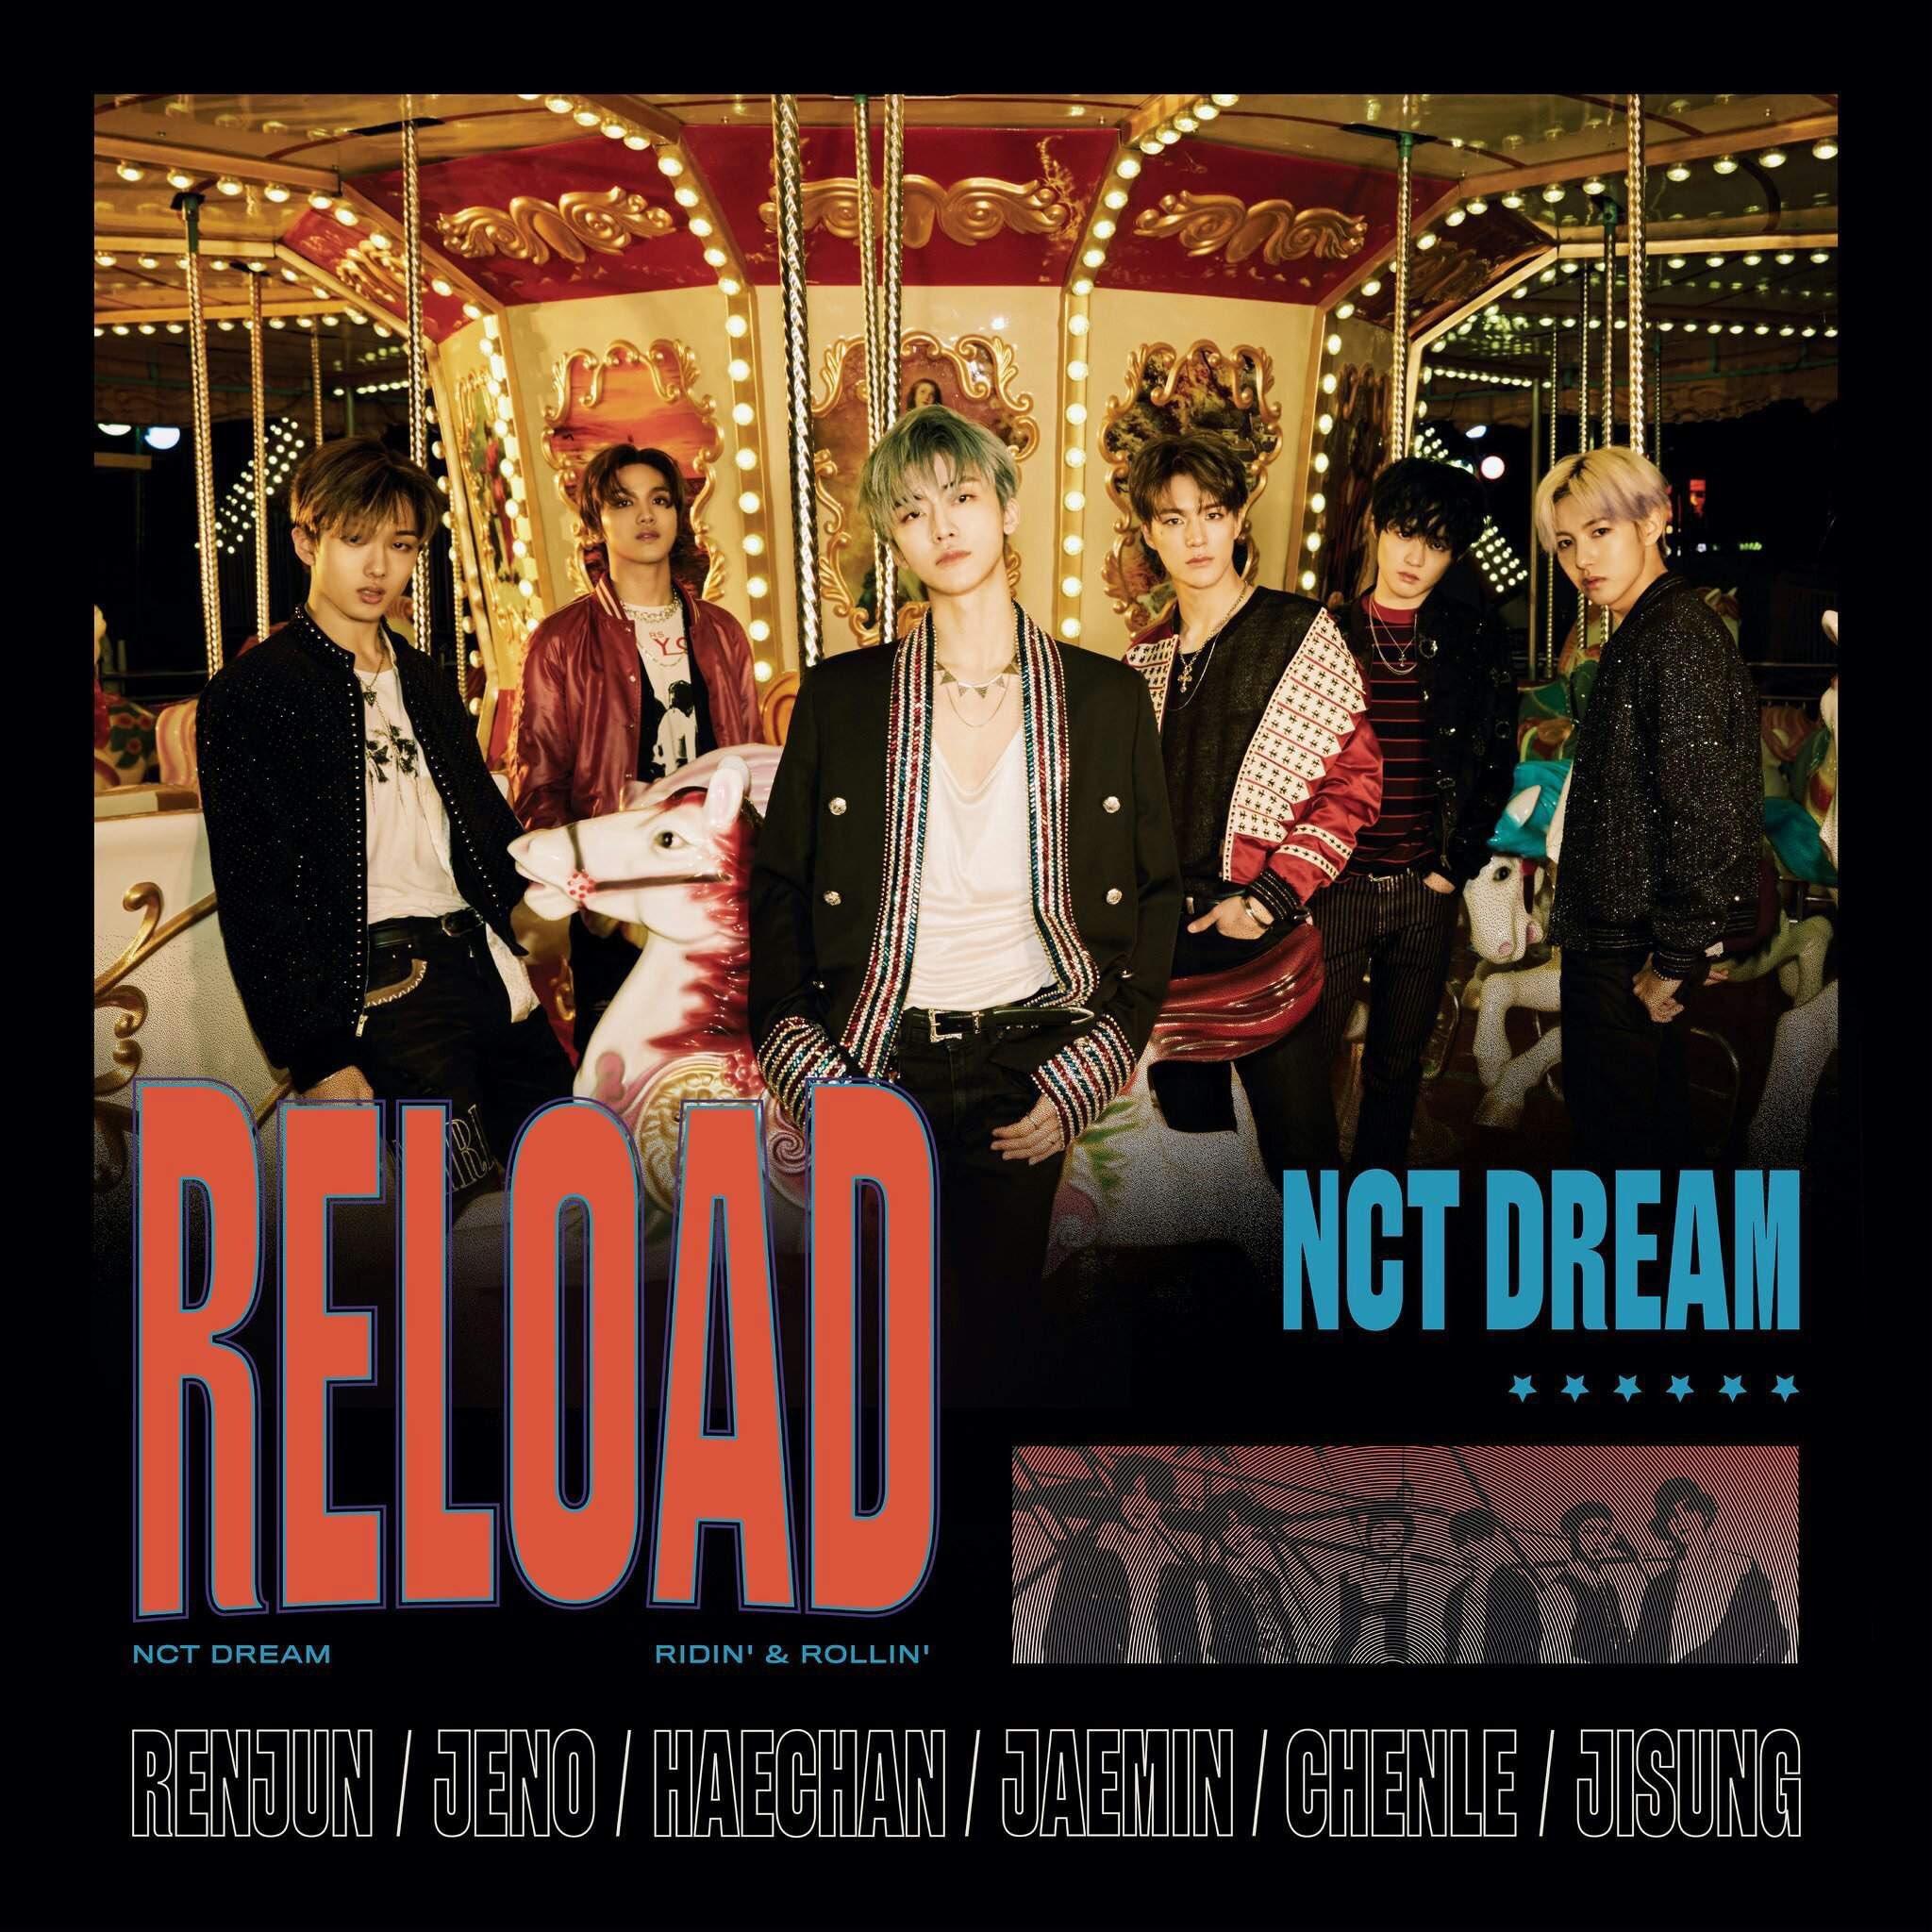 """🌻ต้นอ่อน—ตอบเด็มหลังเที่ยง🌻 on Twitter: """"🌈PRE-ORDER🌈 —RELOAD NCT DREAM KIHNO ALBUM 🍒อัลบั้มละ 650฿ {รับโปส+30฿} 📮REG50/EMS70 {รับโปส70/90} 💌สนใจดีเอ็มมาเลยค่า ✔️มัดจำได้ 300฿ ⚠️ปิดรับ 30พค —เว็บเริ่มจัดส่ง 2มิย (รอของหลังจากส่งกลับ2-4สัปดาห์ ..."""